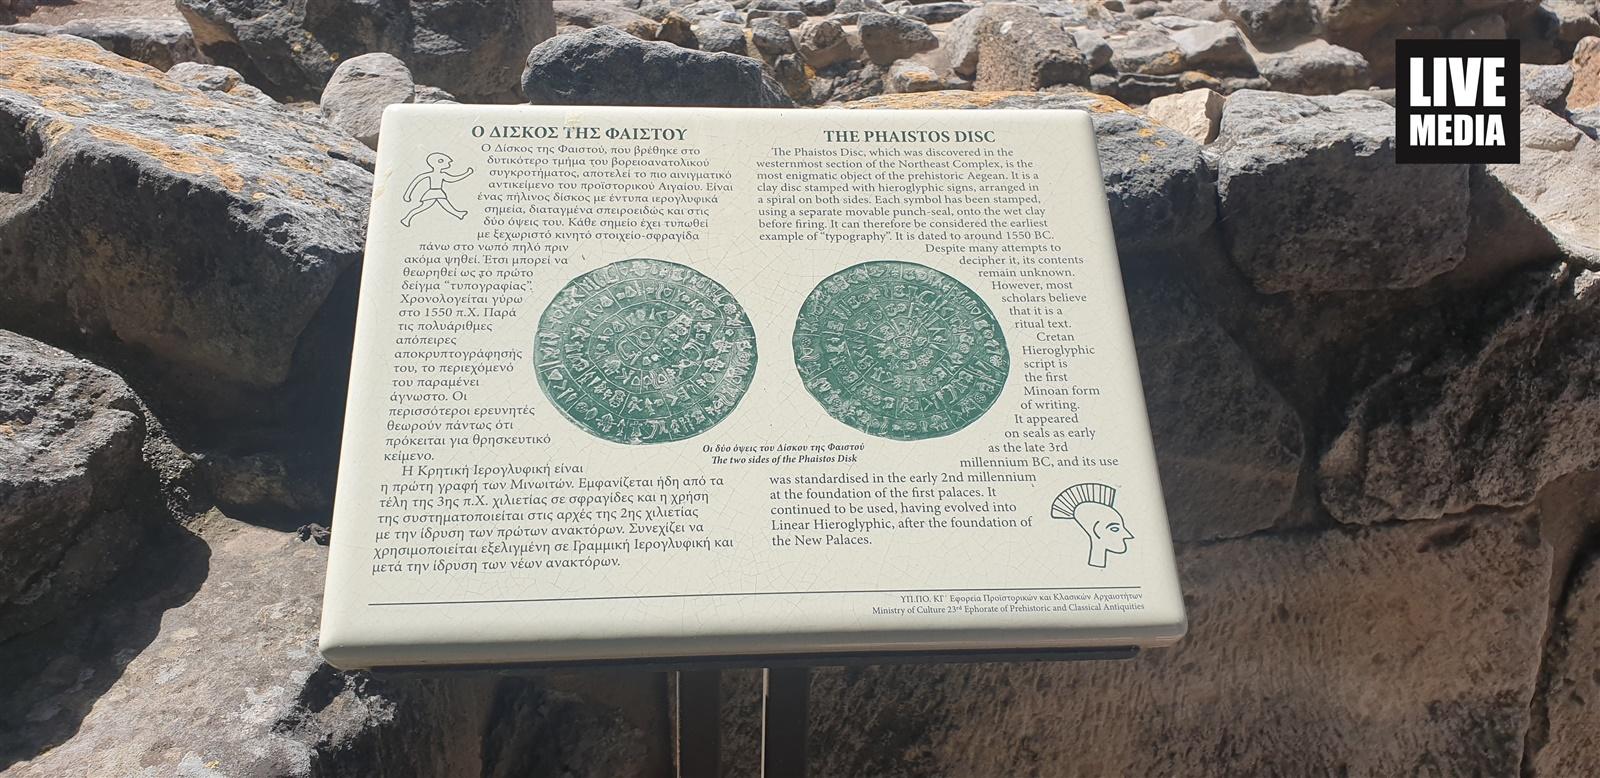 Πληροφορίες για το Δίσκο του Φαιστού